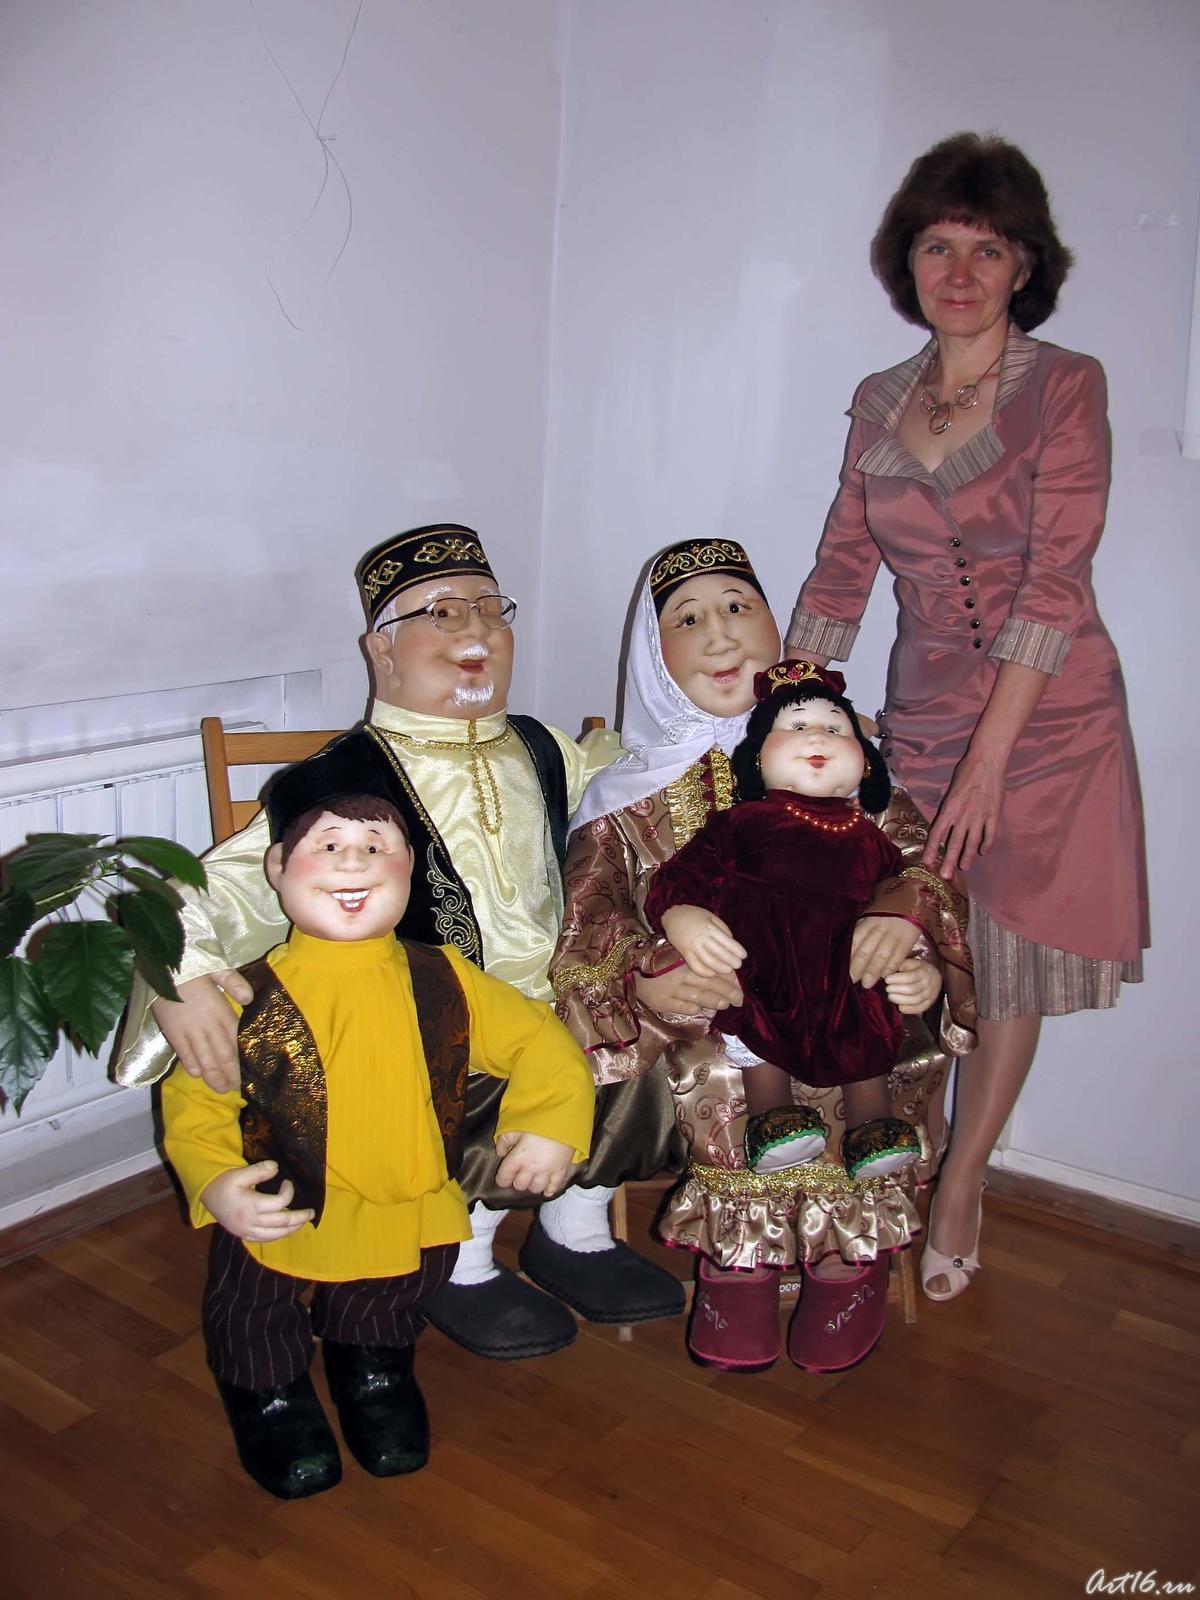 Фото №57643. Татарская семья ( кукольная композиция)